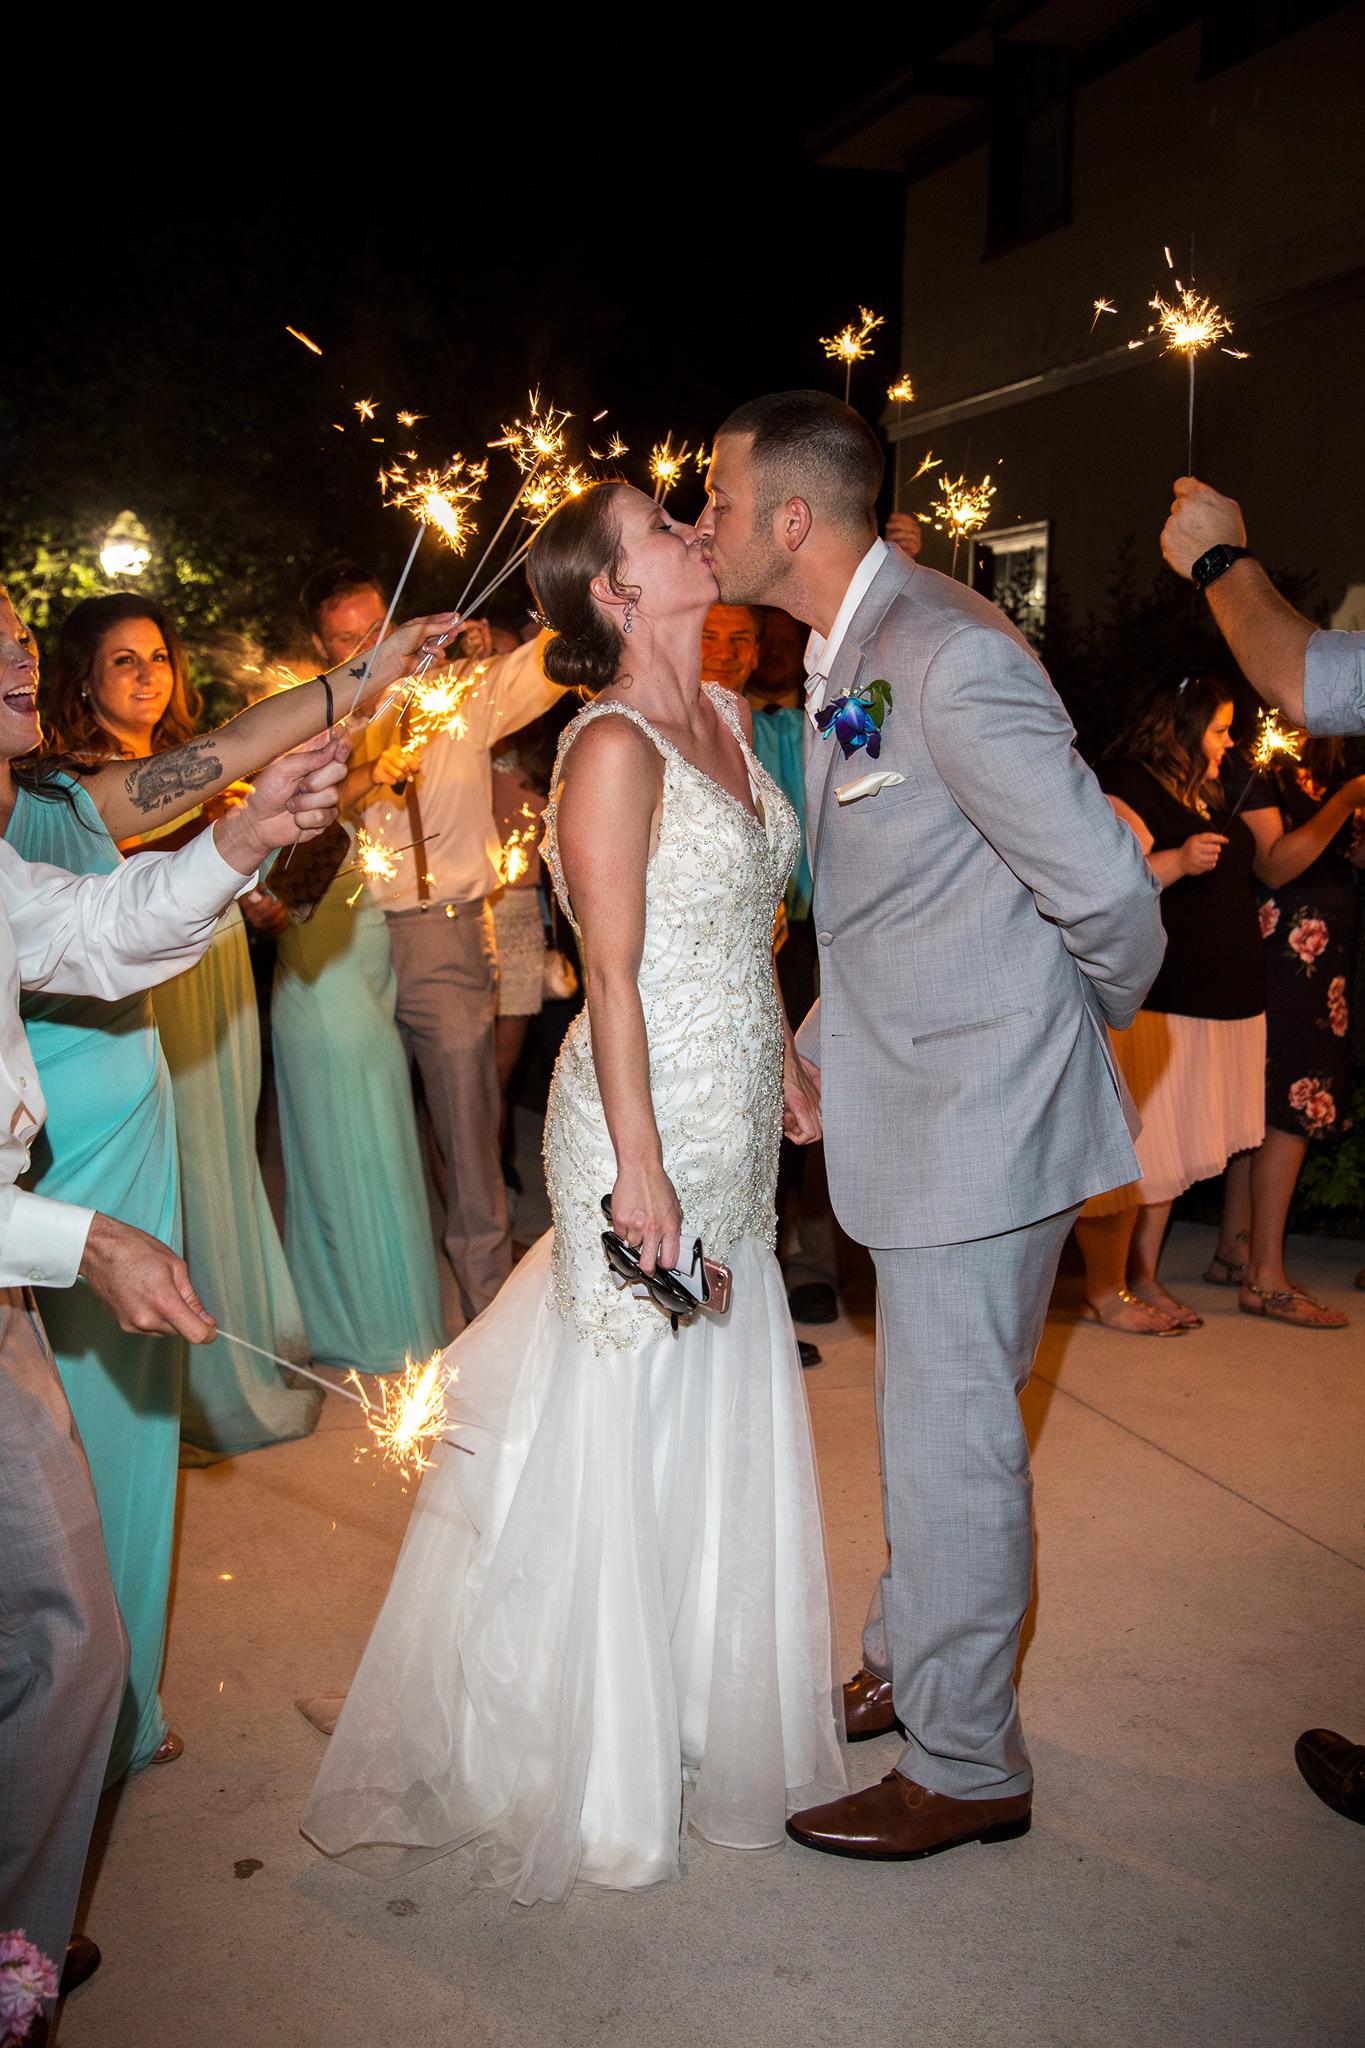 marchese_wedding_838 copy